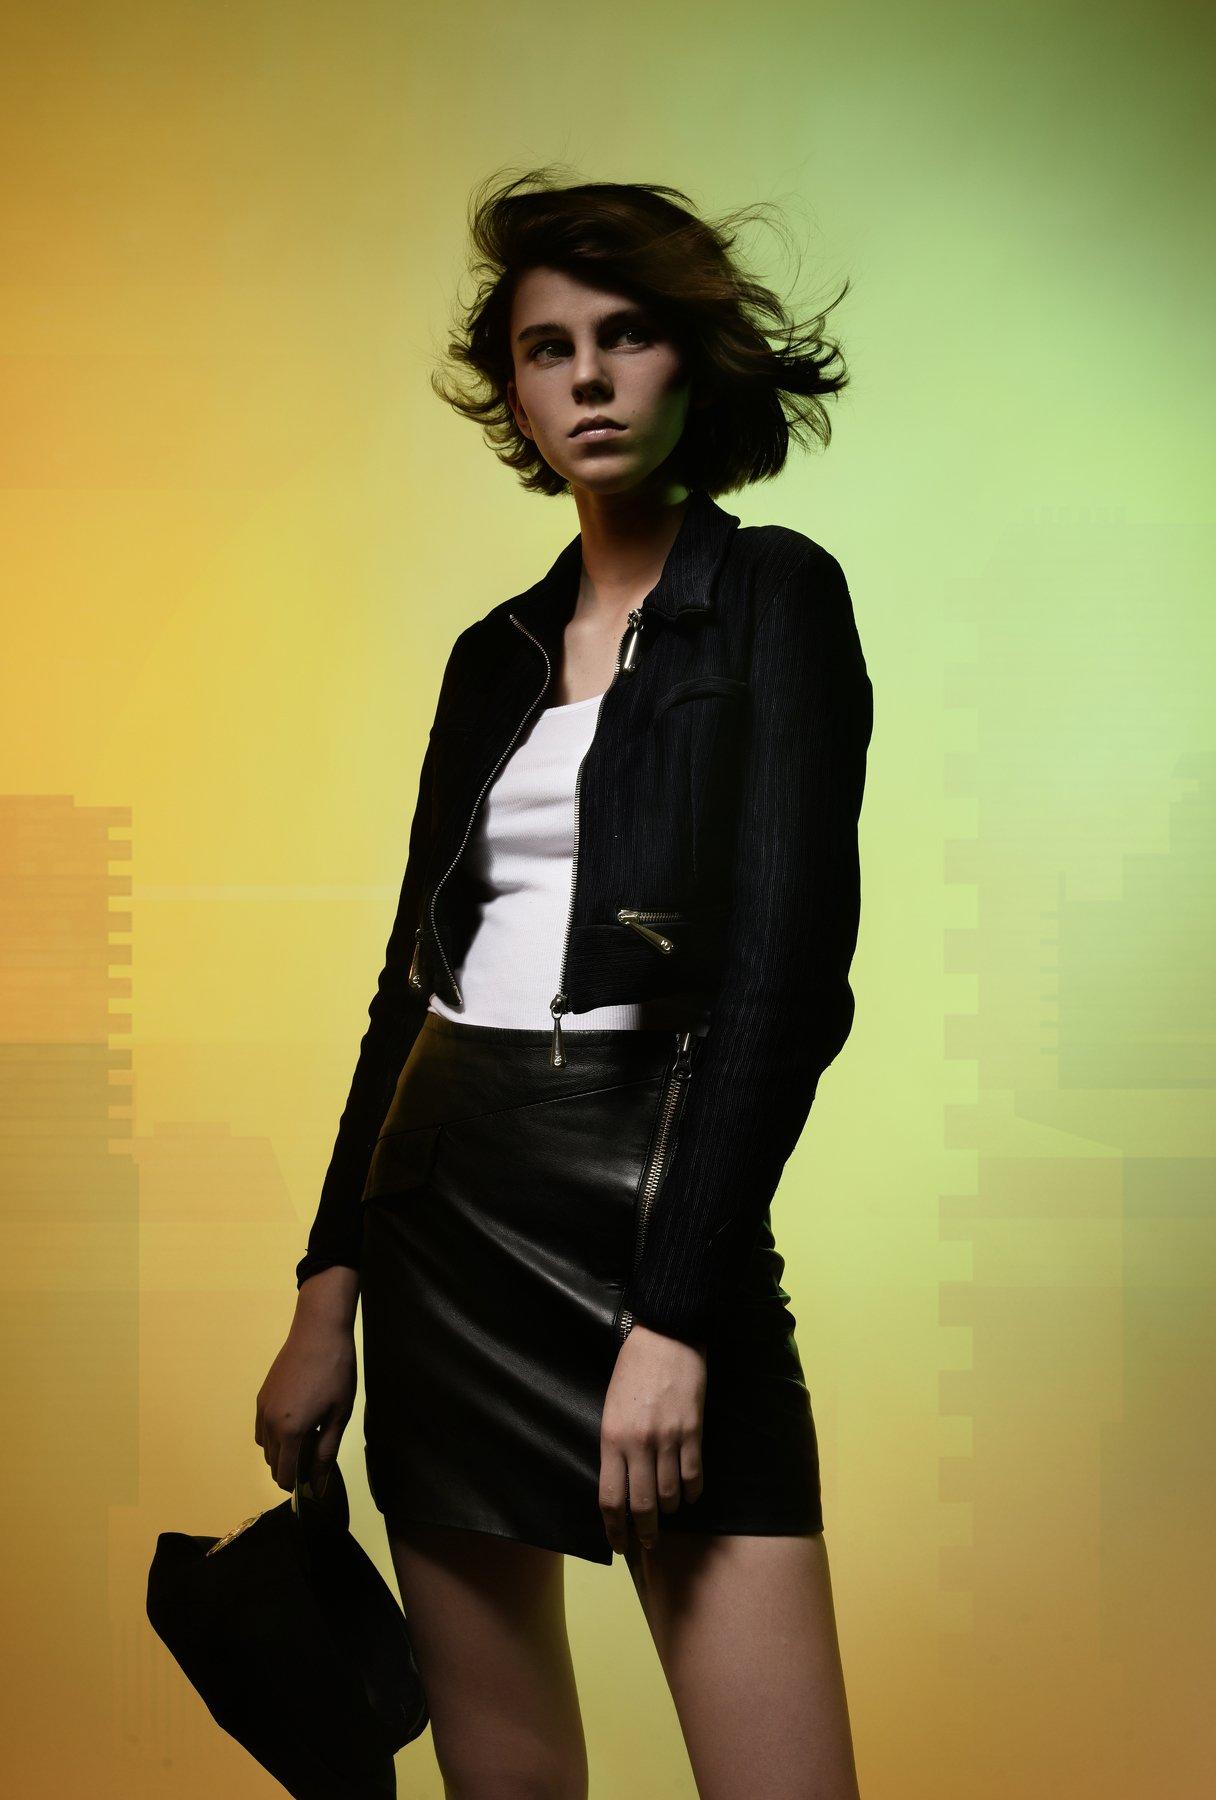 портрет, девушка, модель, студия, fashion, portrait, model, girl, photomodel, studio, Olli Ogneva